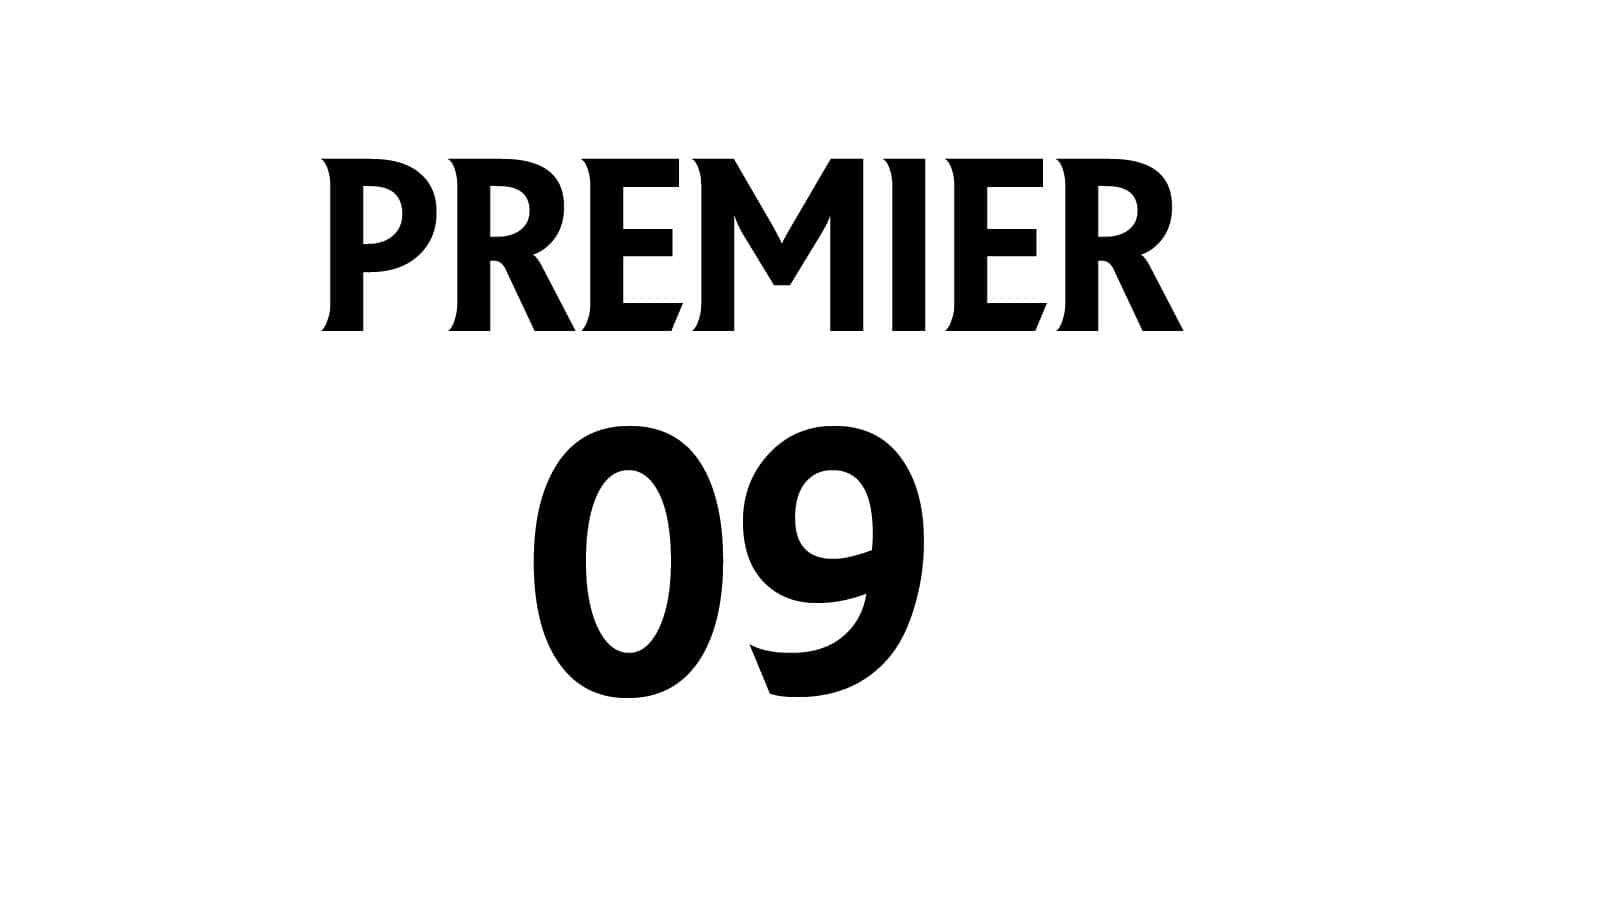 Die Premier Schriftart zum Druck